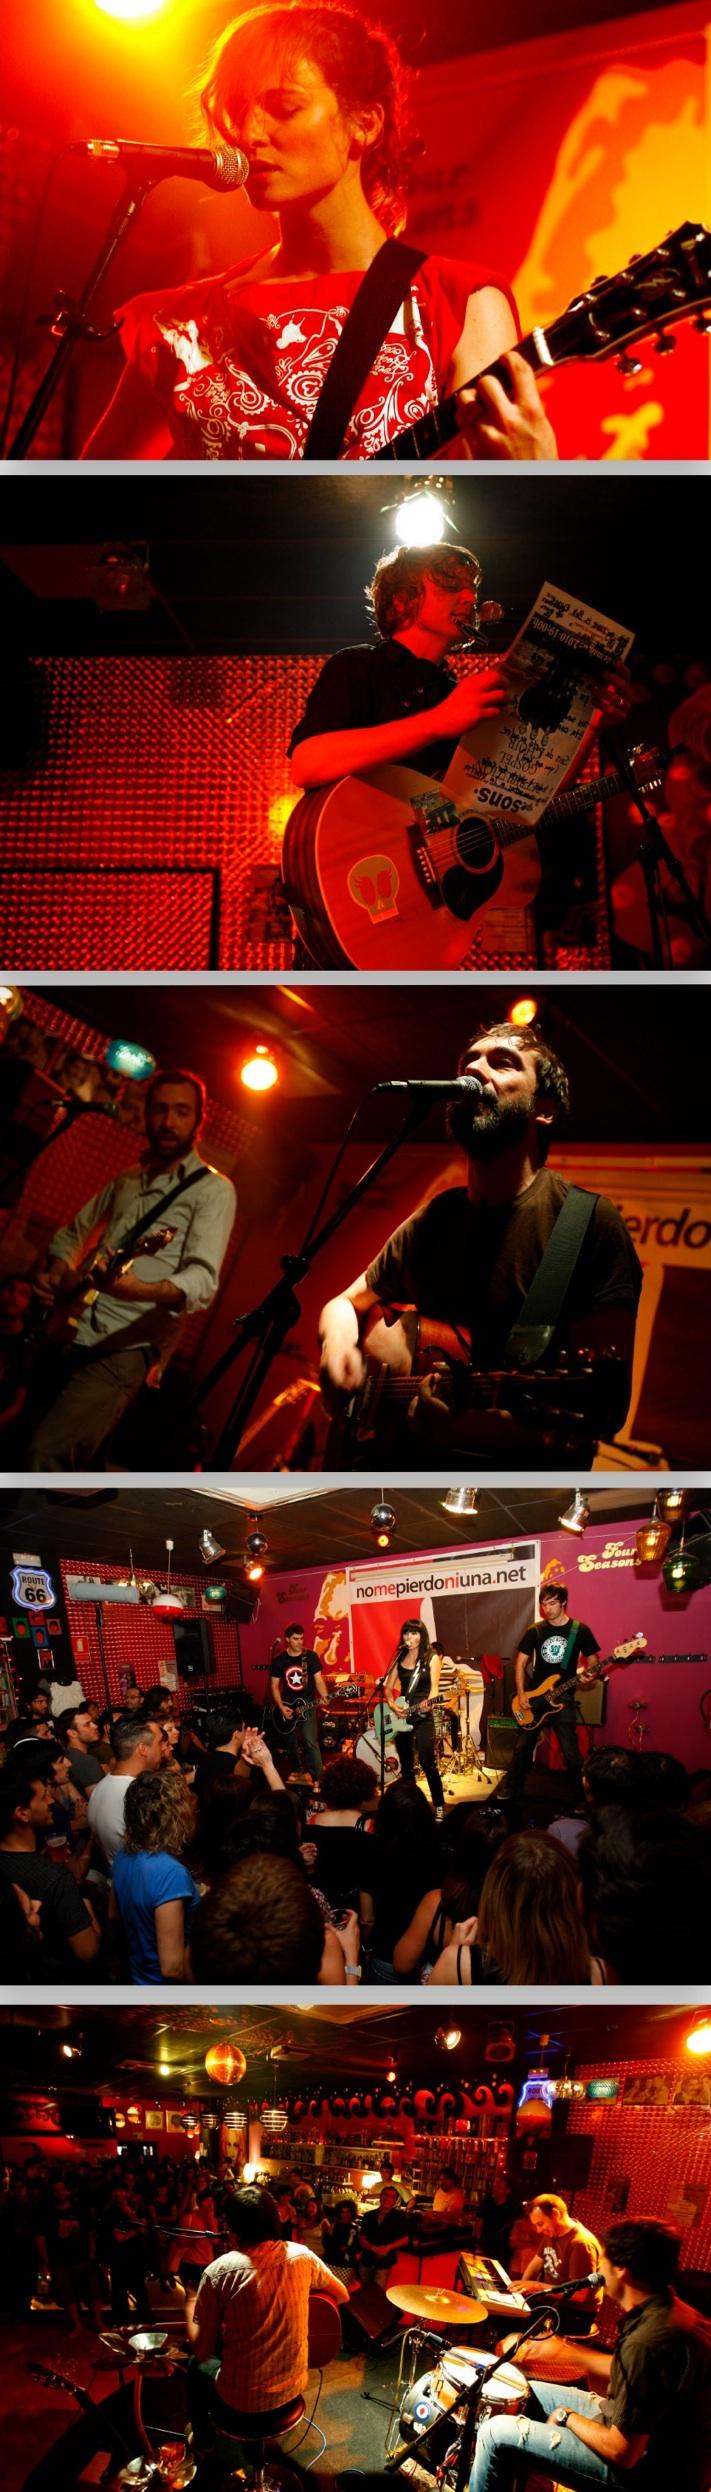 collage-conciertos-fiesta-nomepierdoniuna1